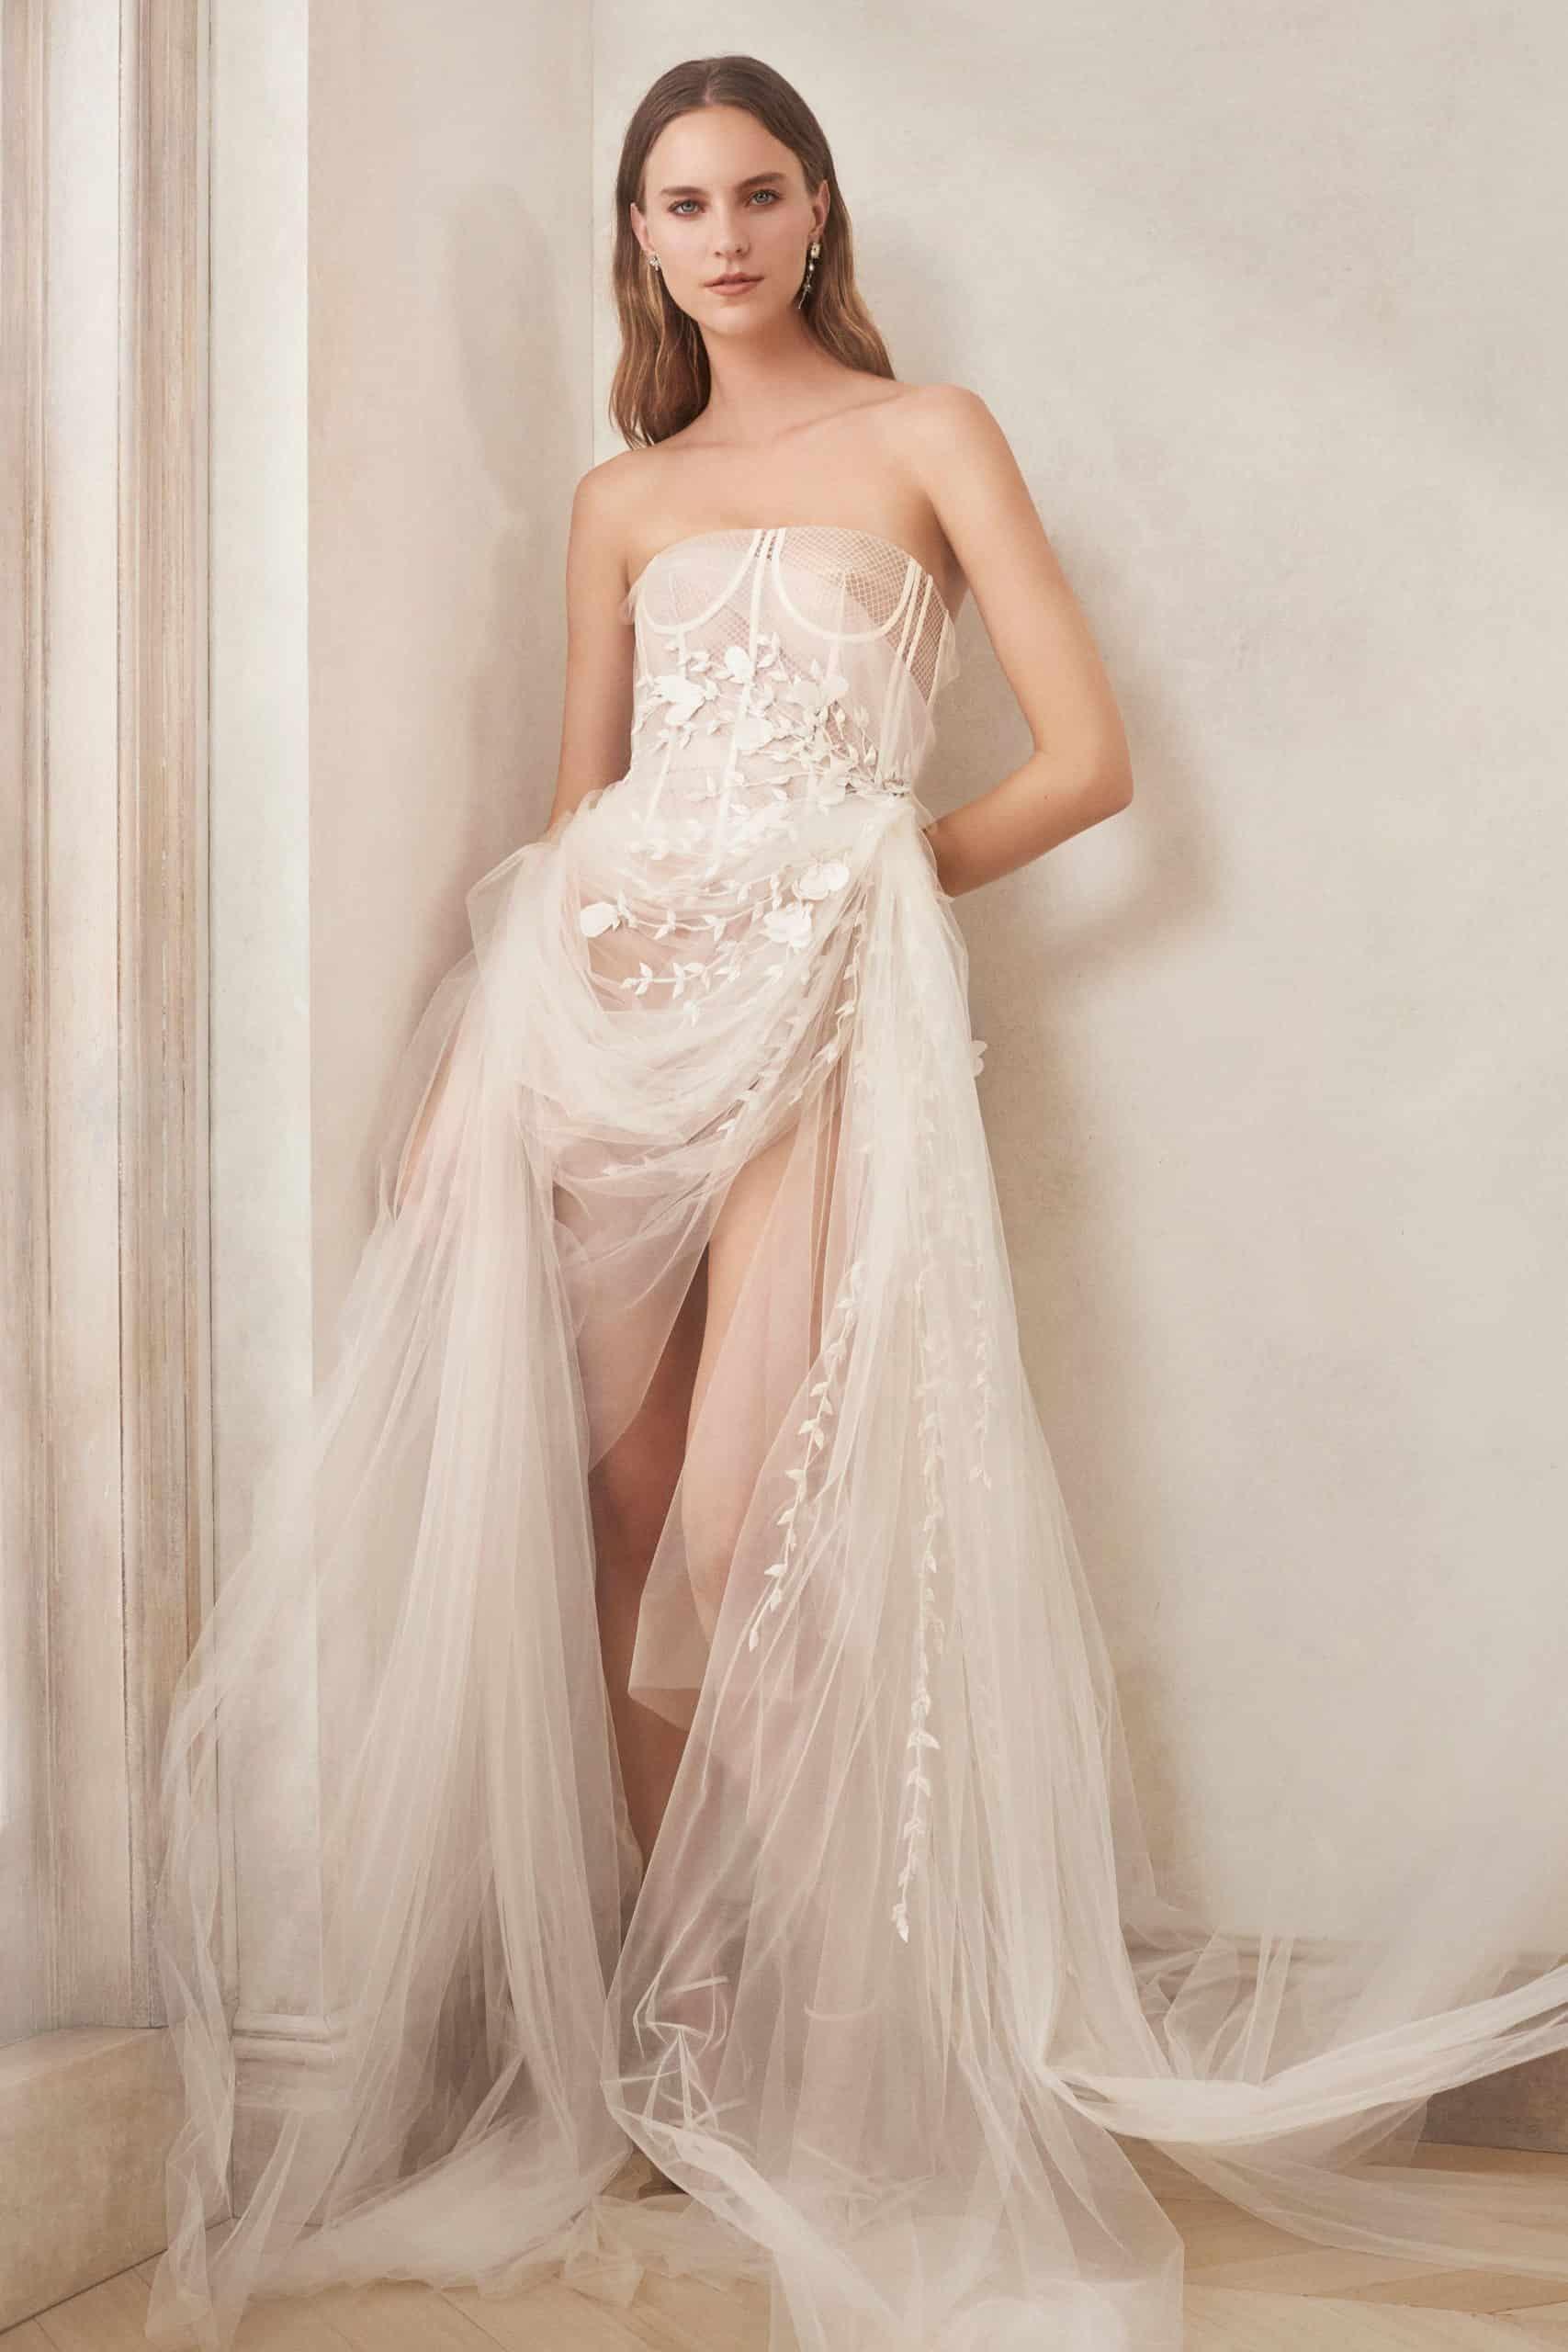 νυφικό φόρεμα από φαντέλα και τούλη με σχίσμα από Oscar de la Renta